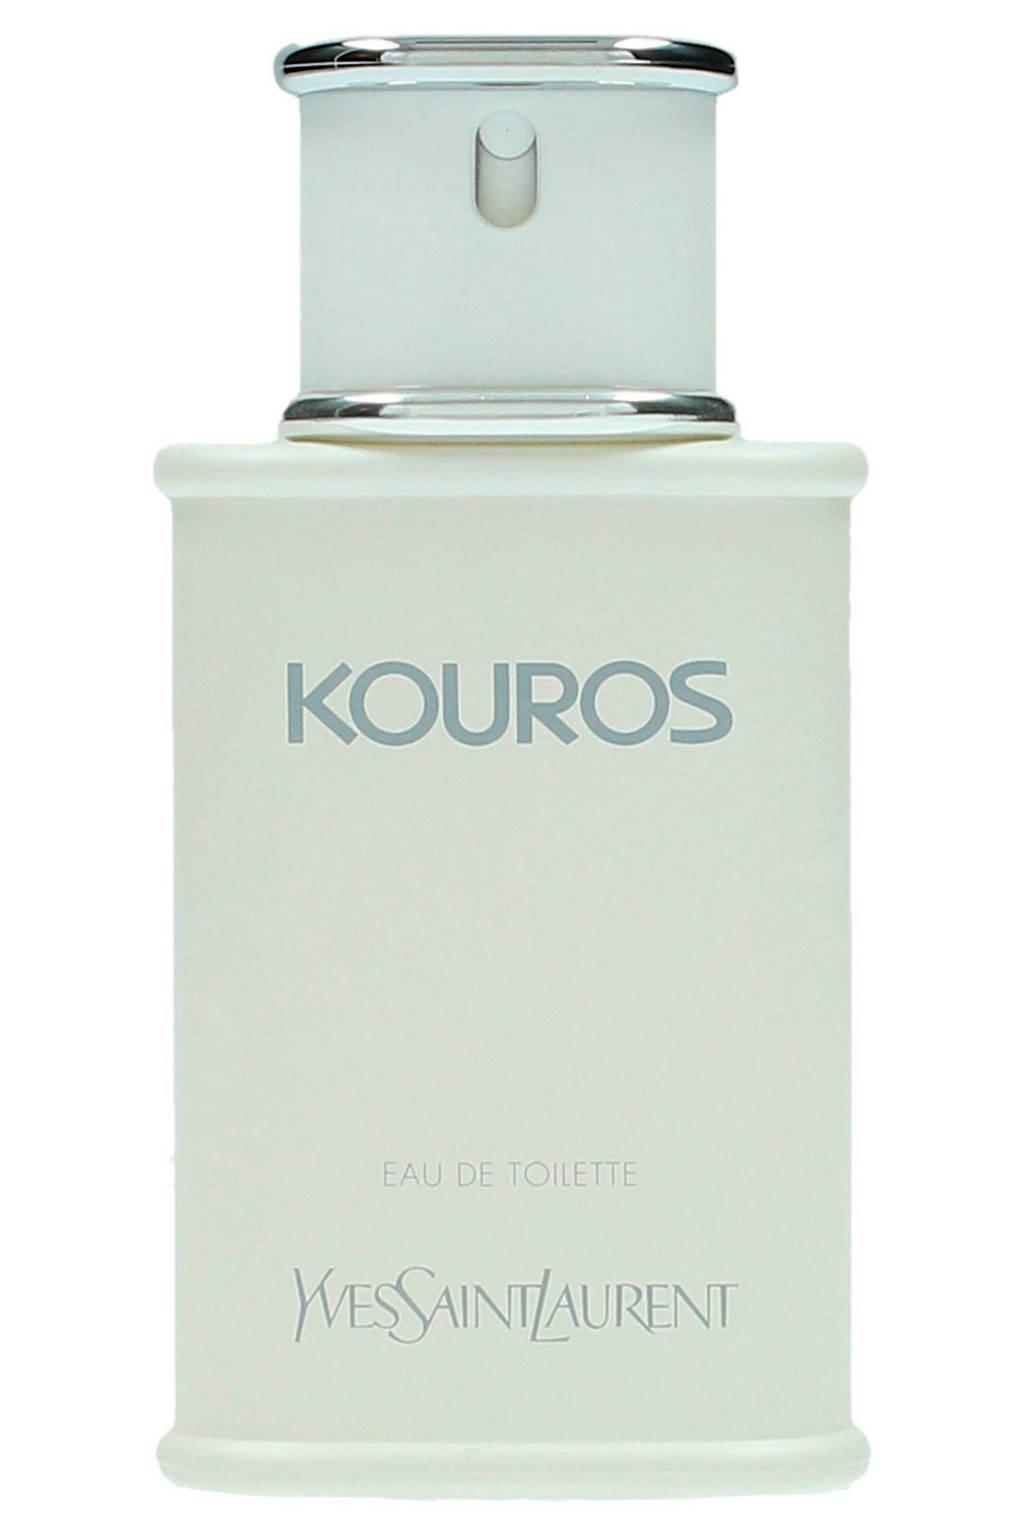 Yves Saint Laurent Kouros eau de toilette - 50 ml